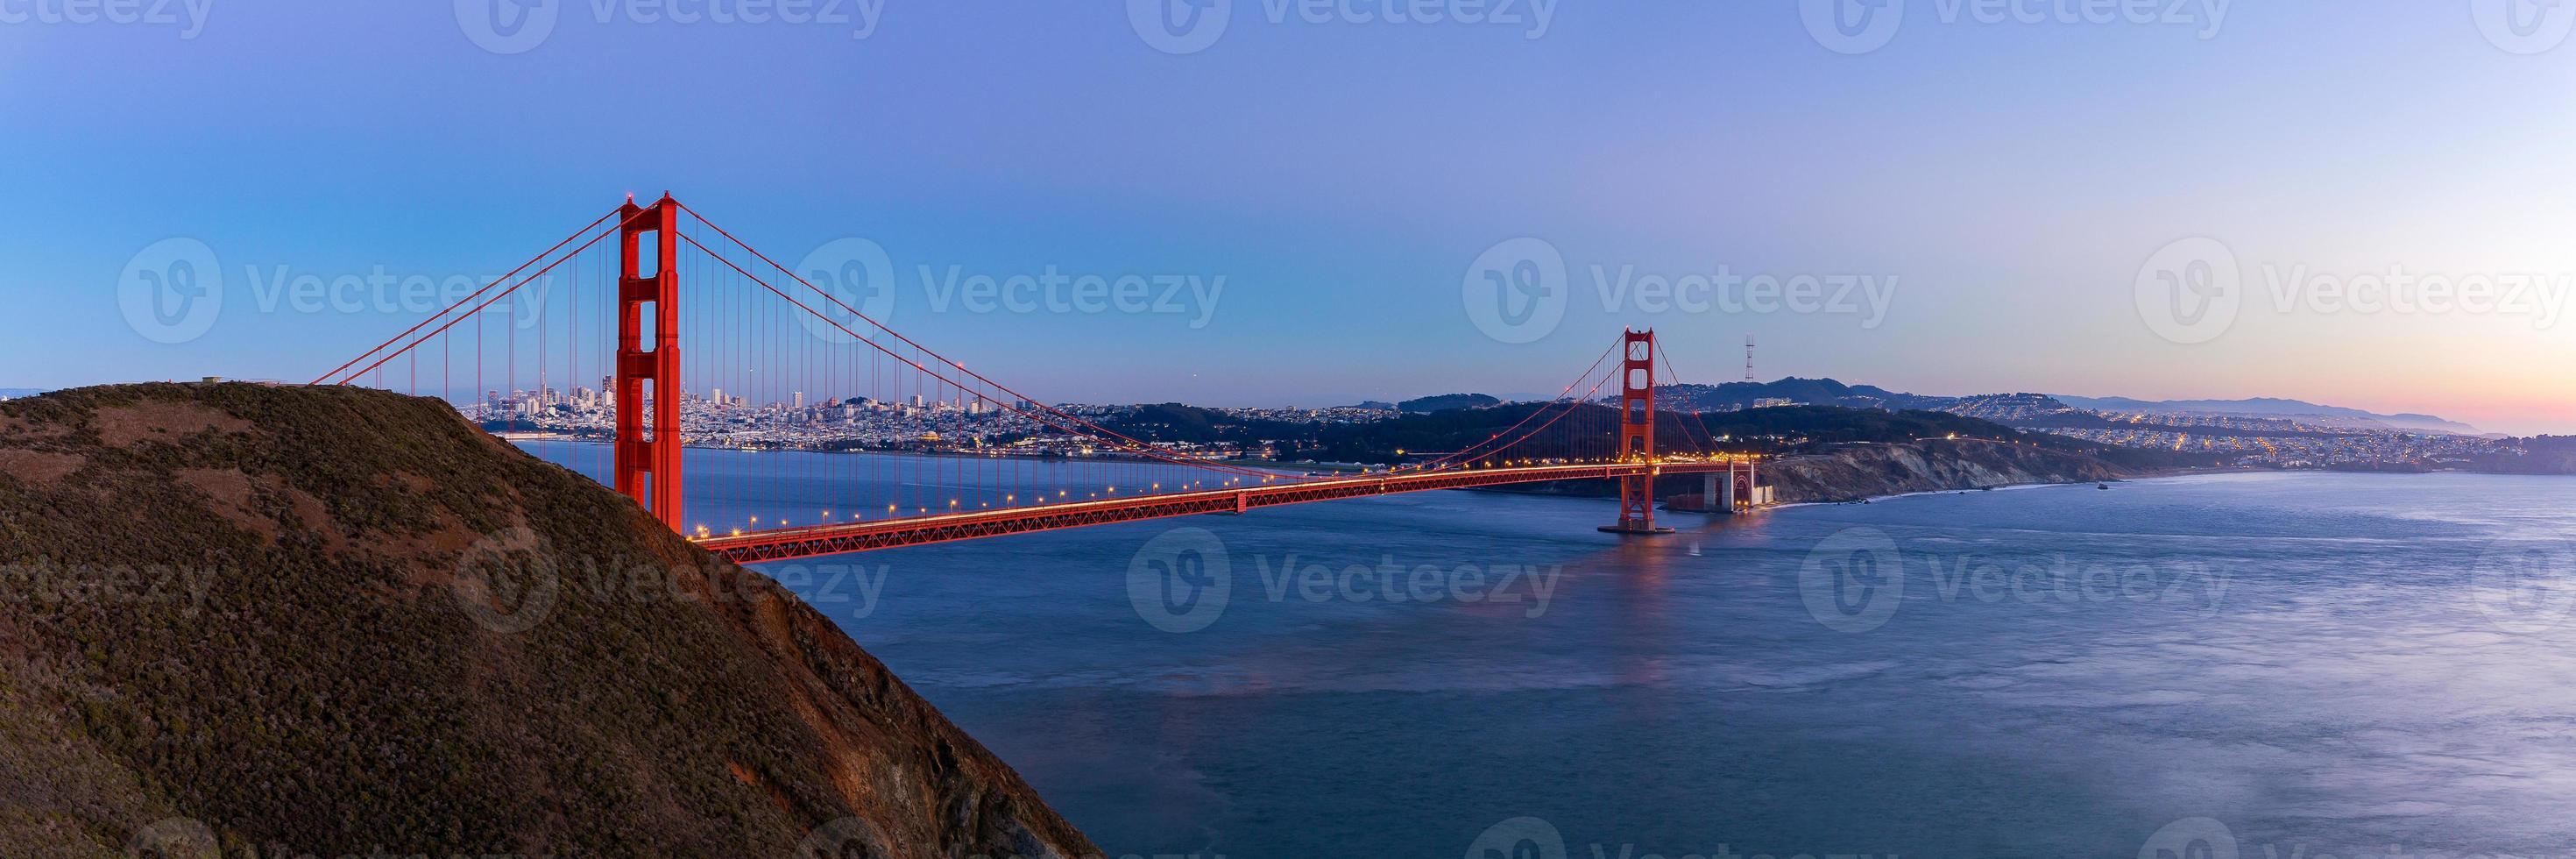 Vista panorámica del puente Golden Gate en el crepúsculo, San Francisco, Estados Unidos. foto